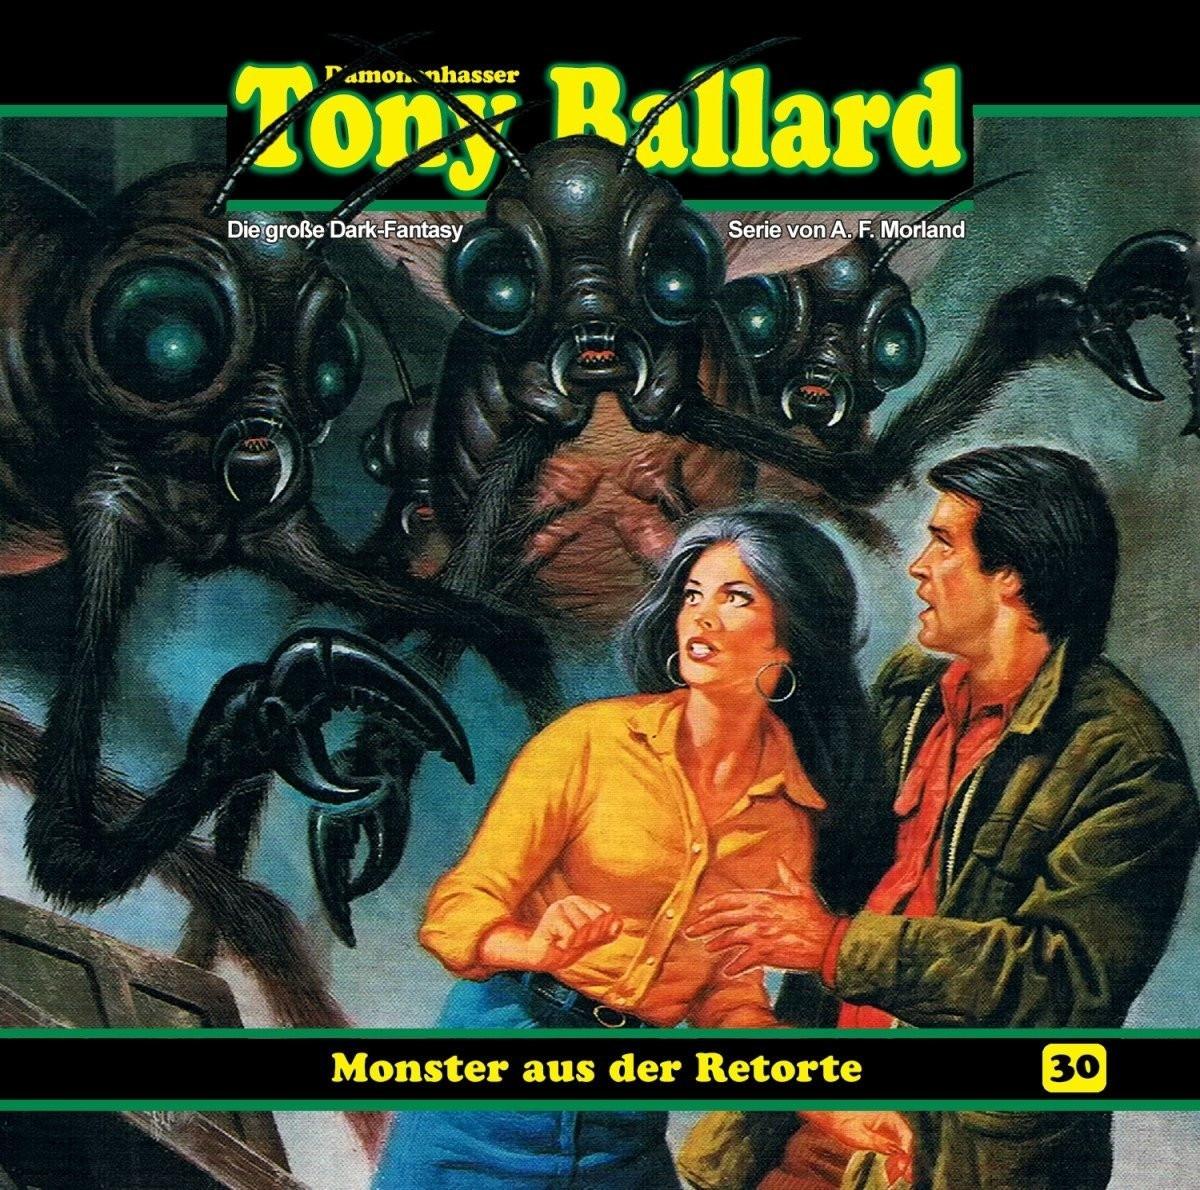 Tony Ballard 30 - Monster aus der Retorte